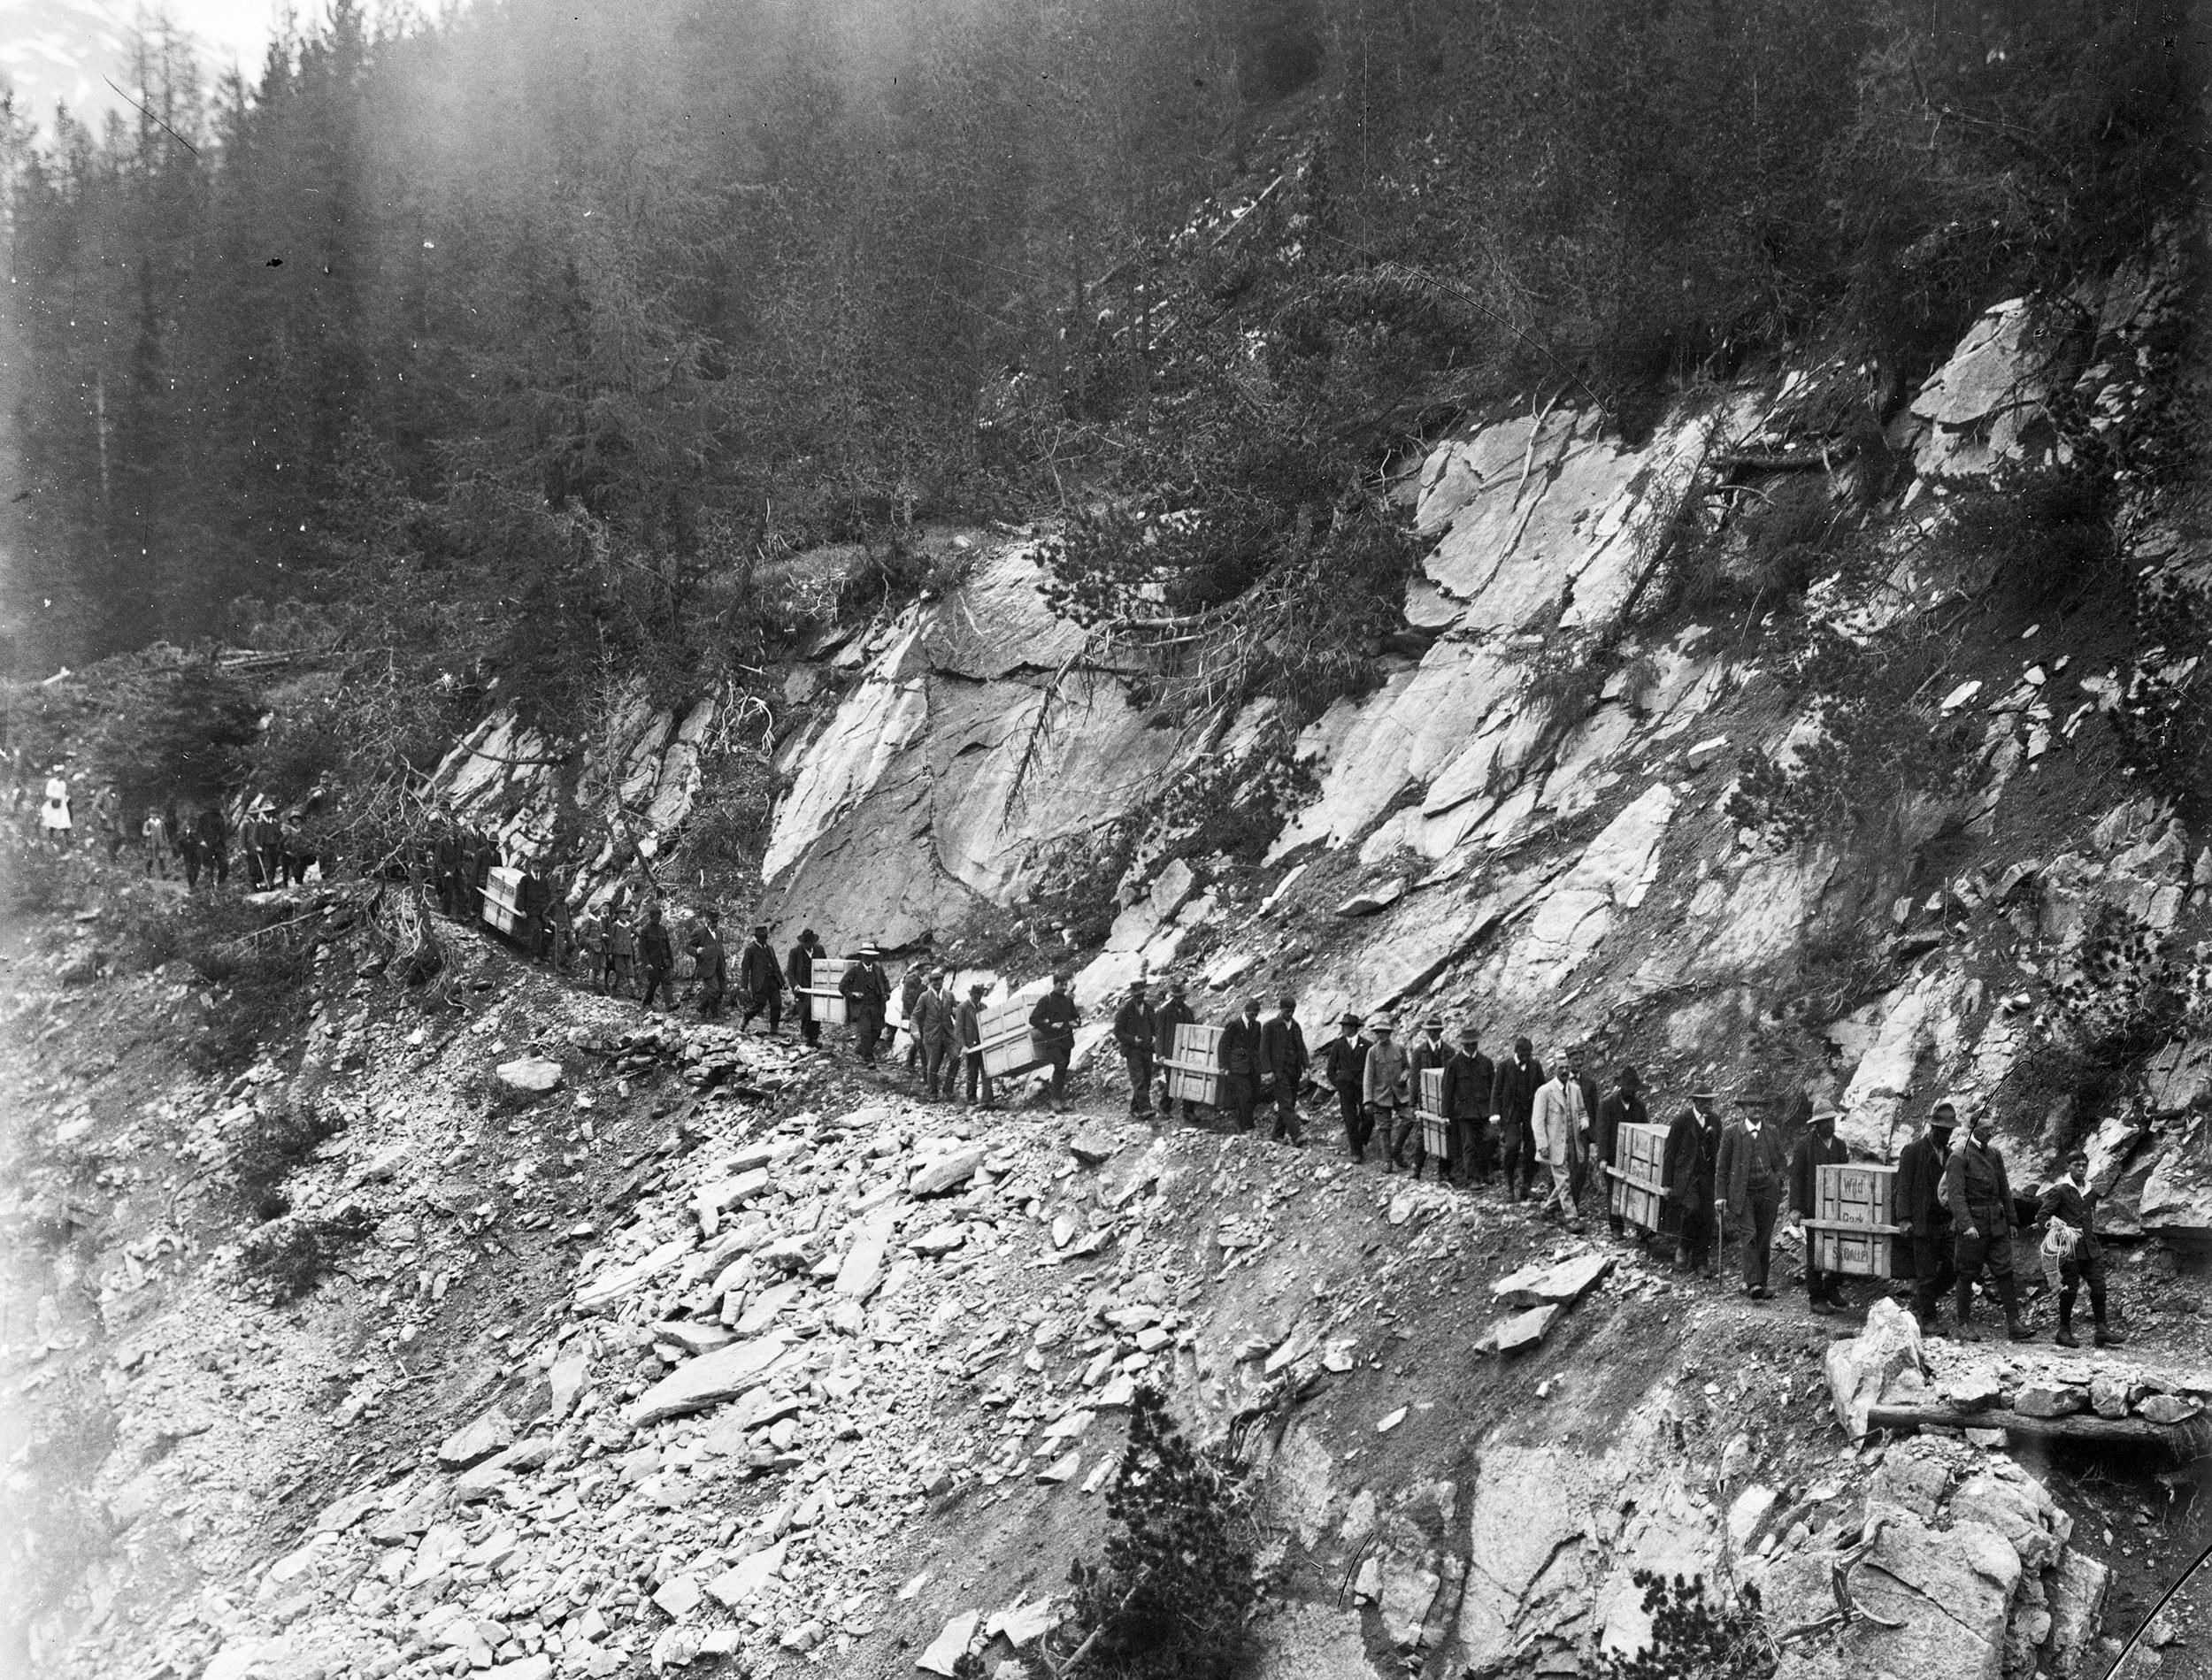 1920年山羊被带到了Piz Terza山,首先这些装着山羊的箱子必须被抬着穿过崎岖的山路。